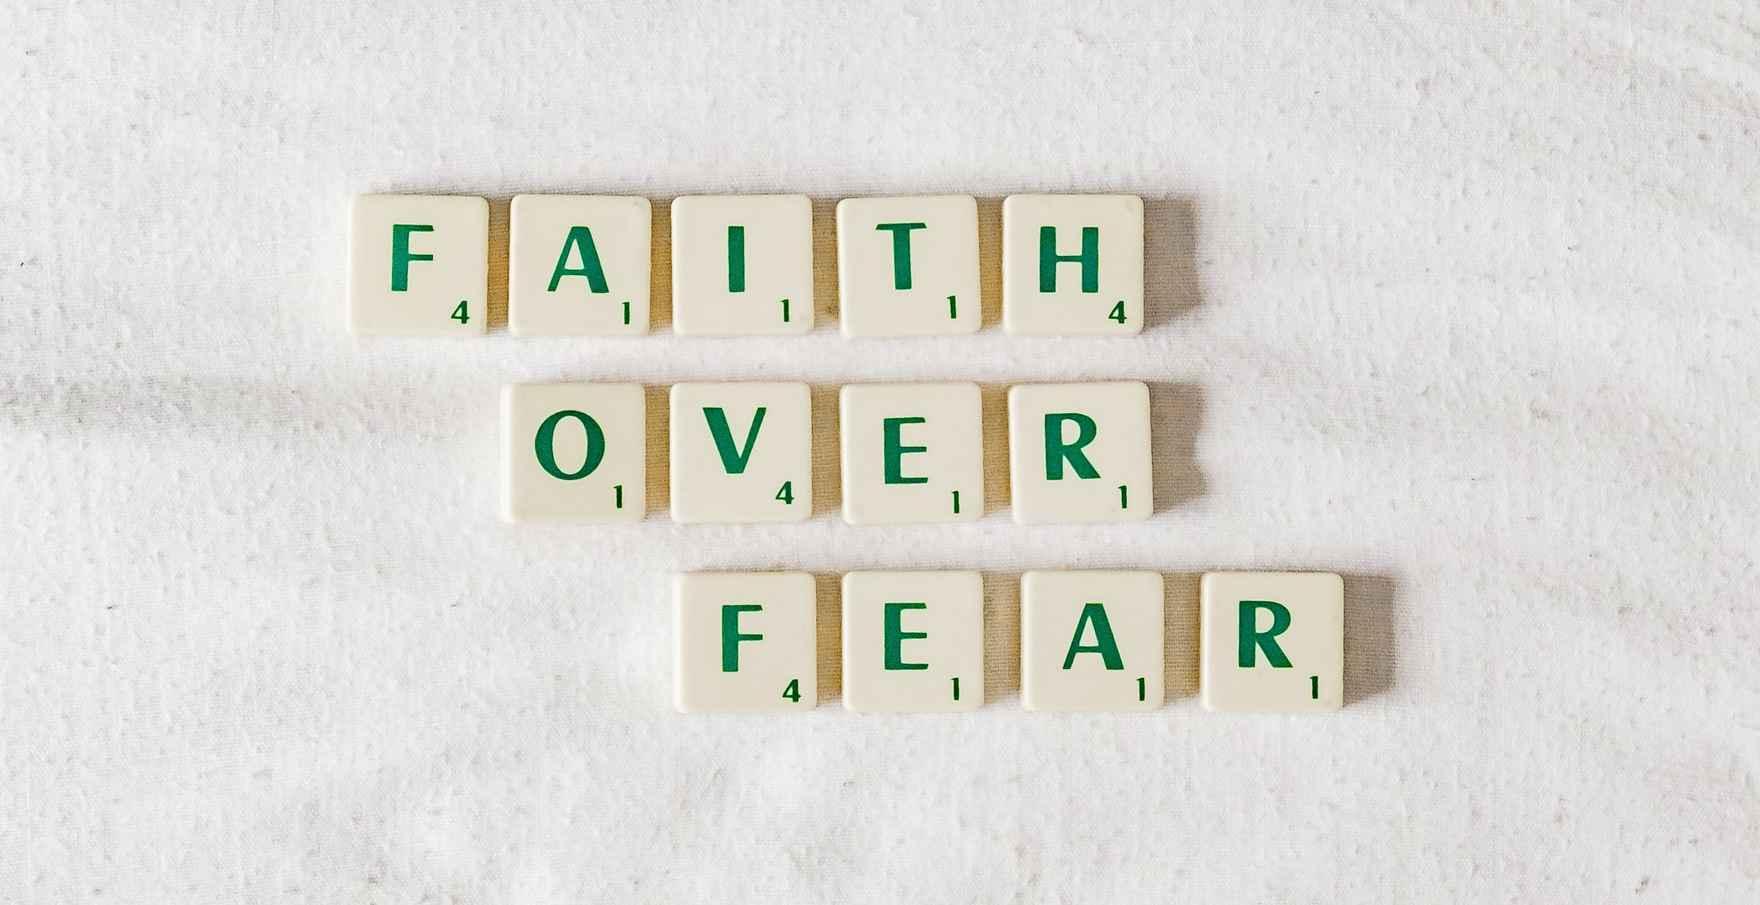 faith over fear2.jpg